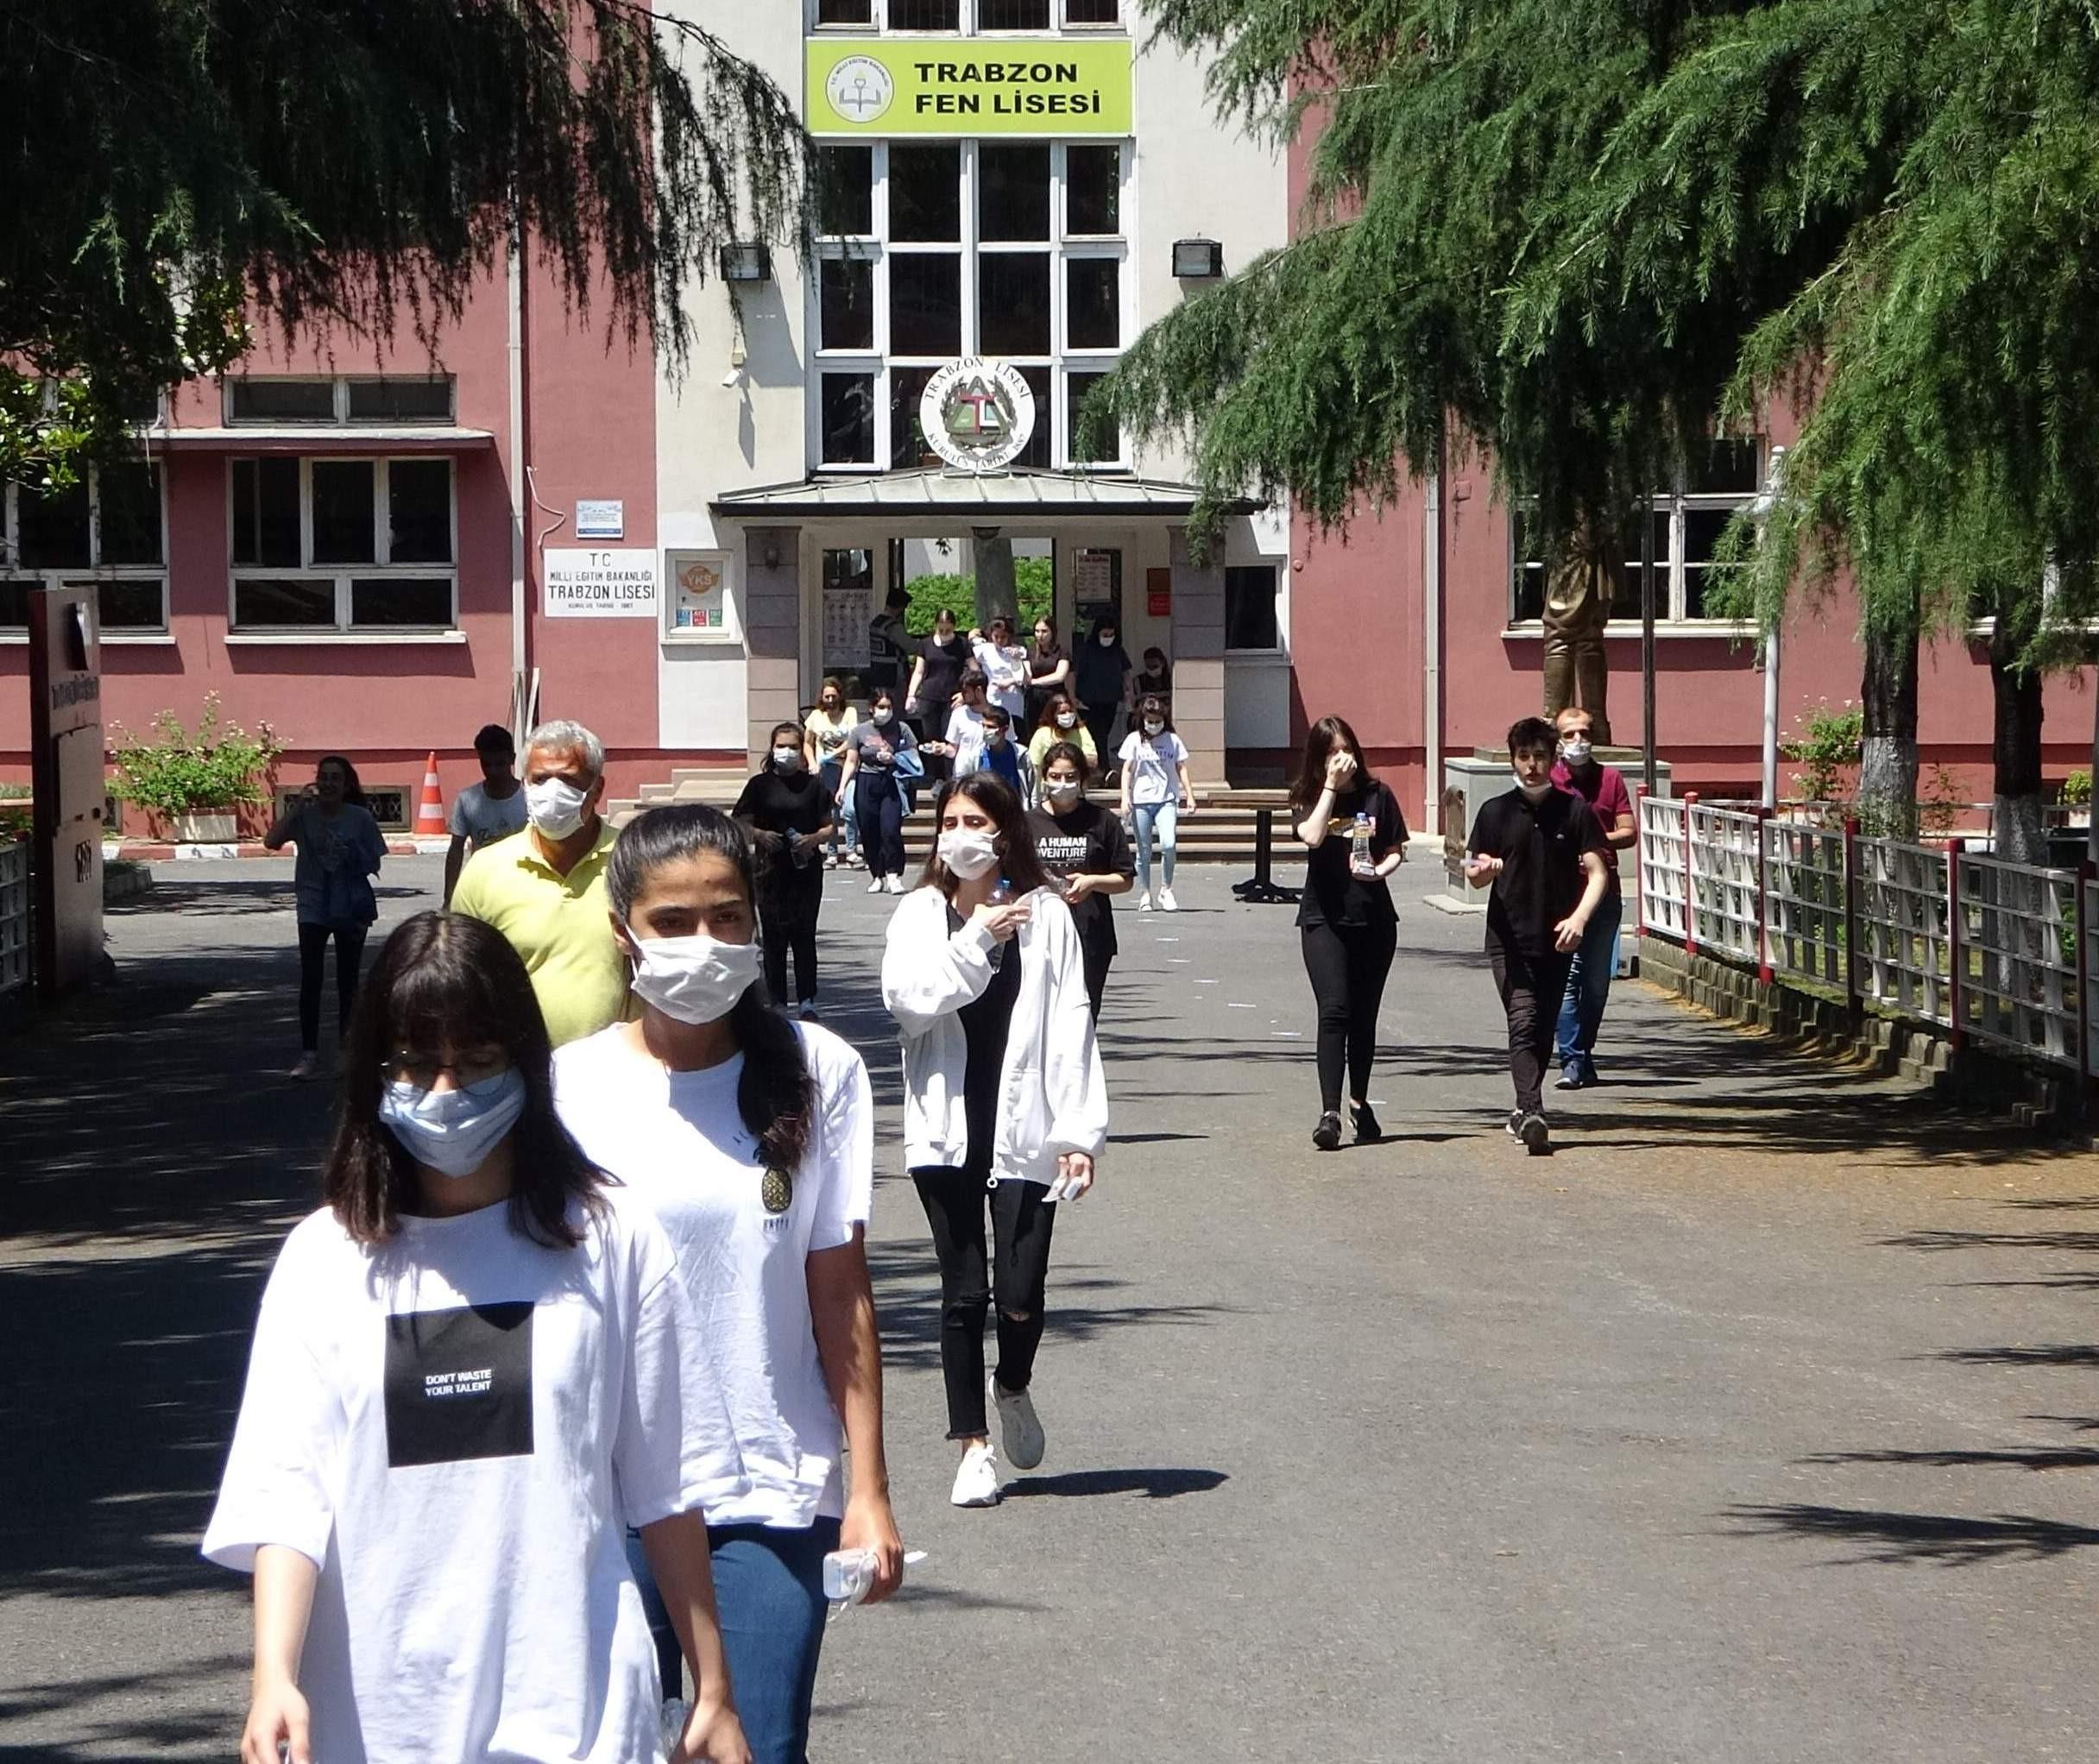 Trabzon'da yaklaşık 25 bin öğrenci YKS için ter döktü